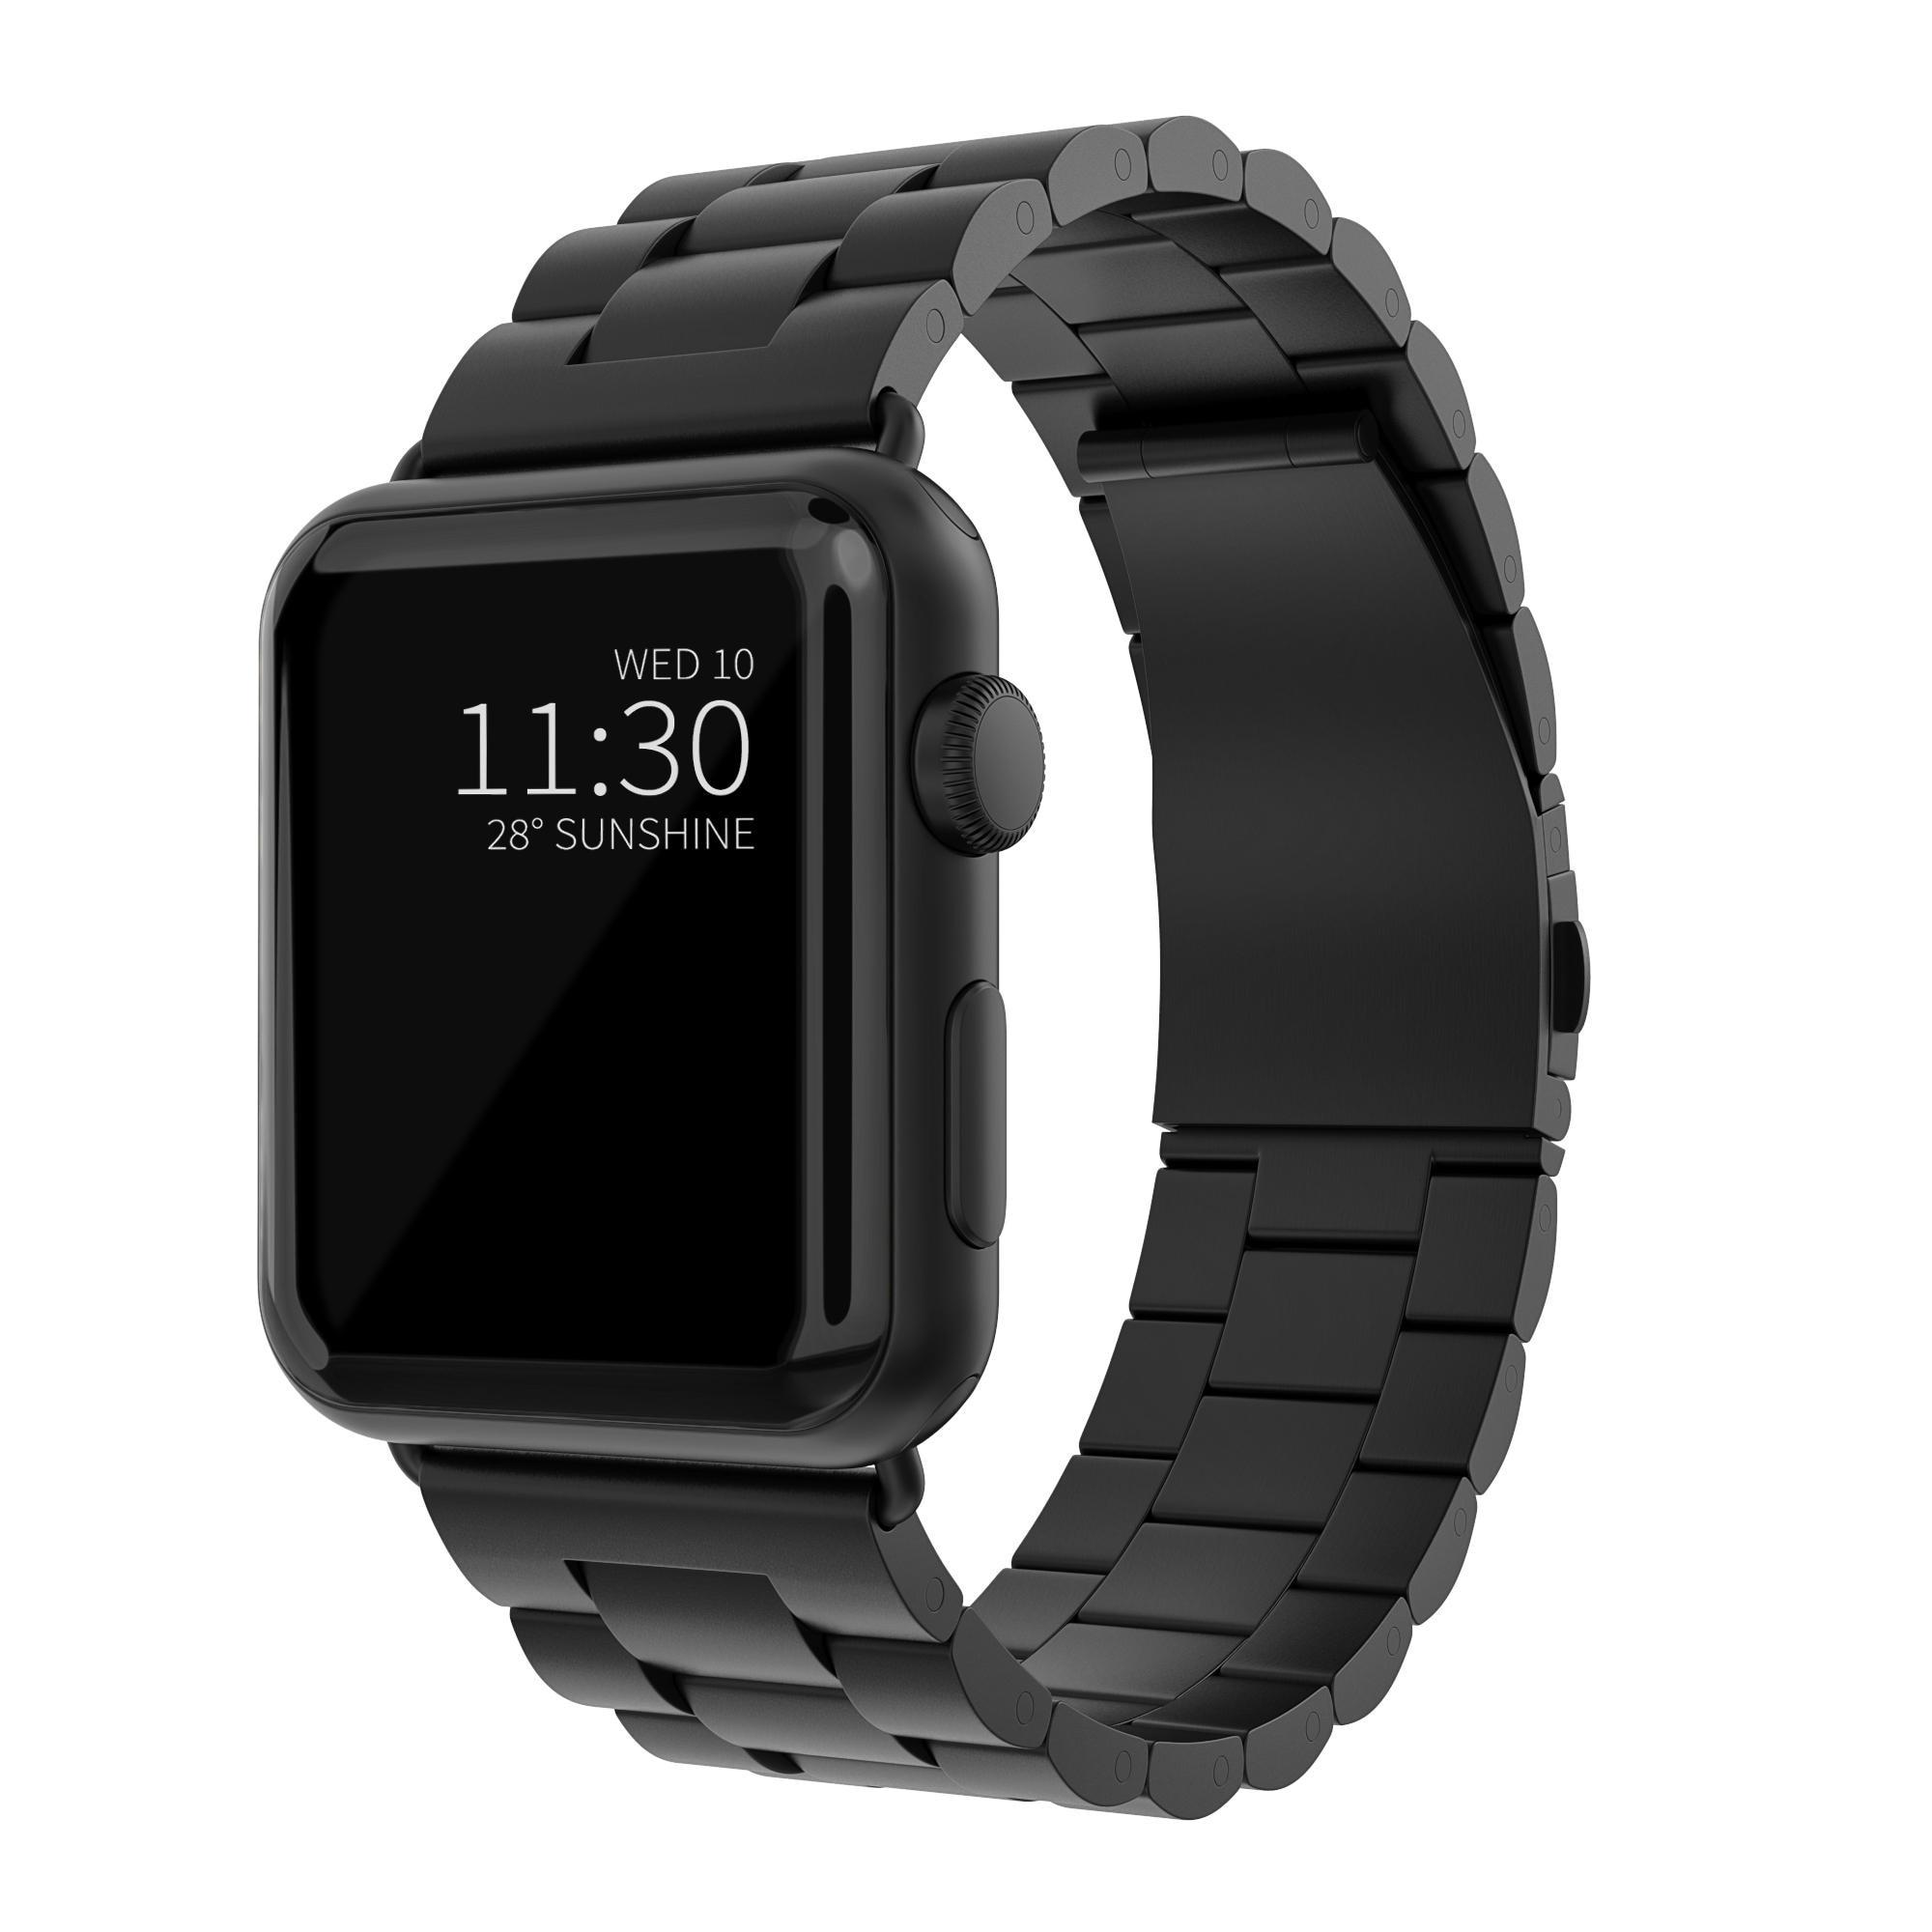 Metallarmbånd Apple Watch 38/40 mm svart